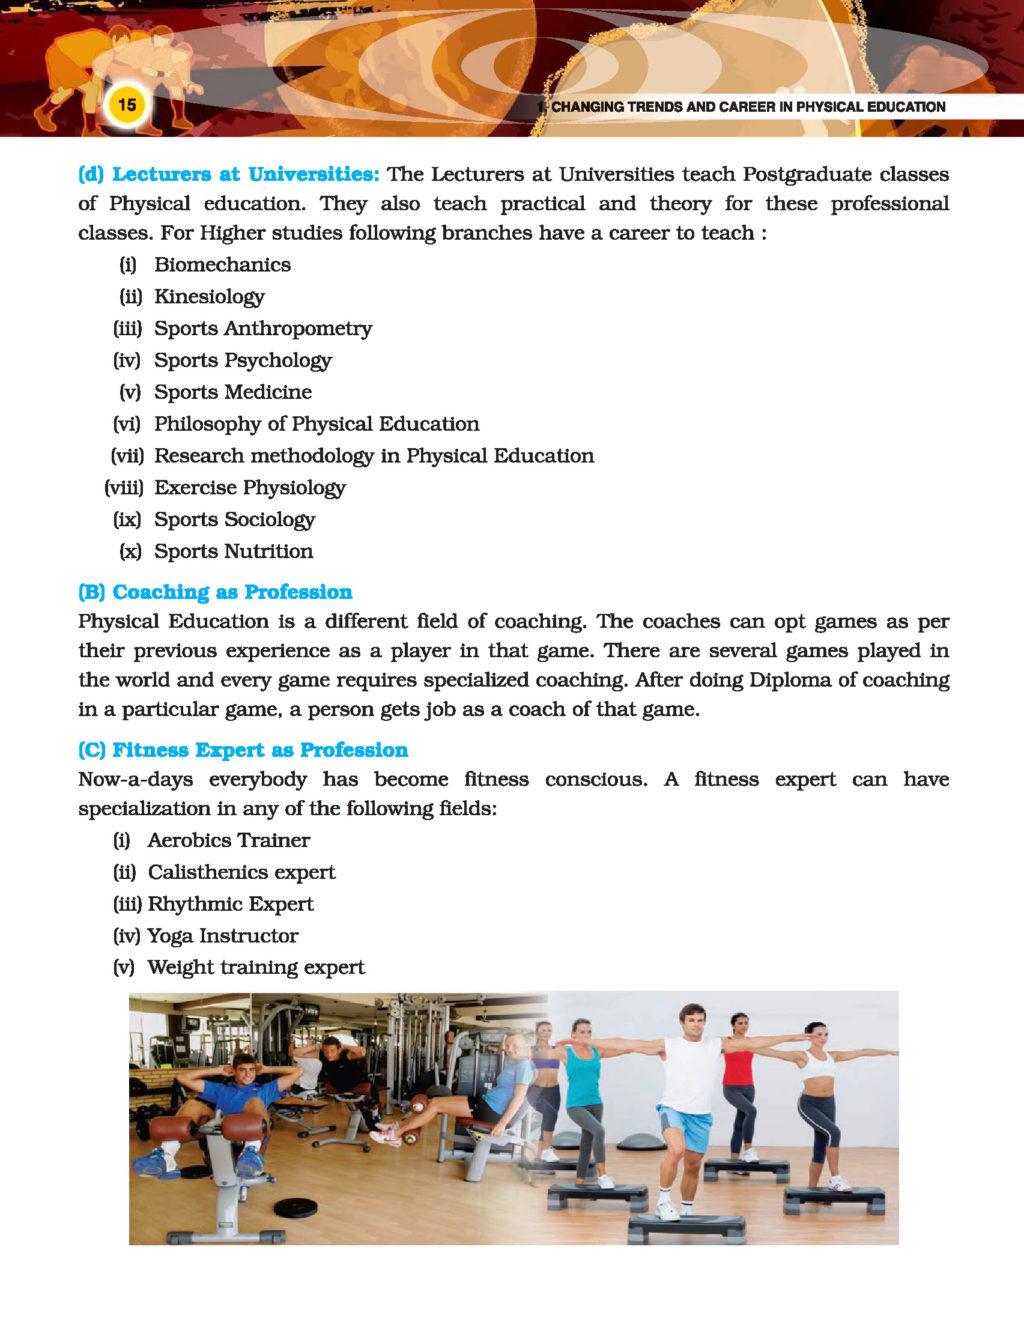 https://vishvasbook.com/wp-content/uploads/2016/09/Physical-Education_ebook_11_Page_25-1024x1321.jpg